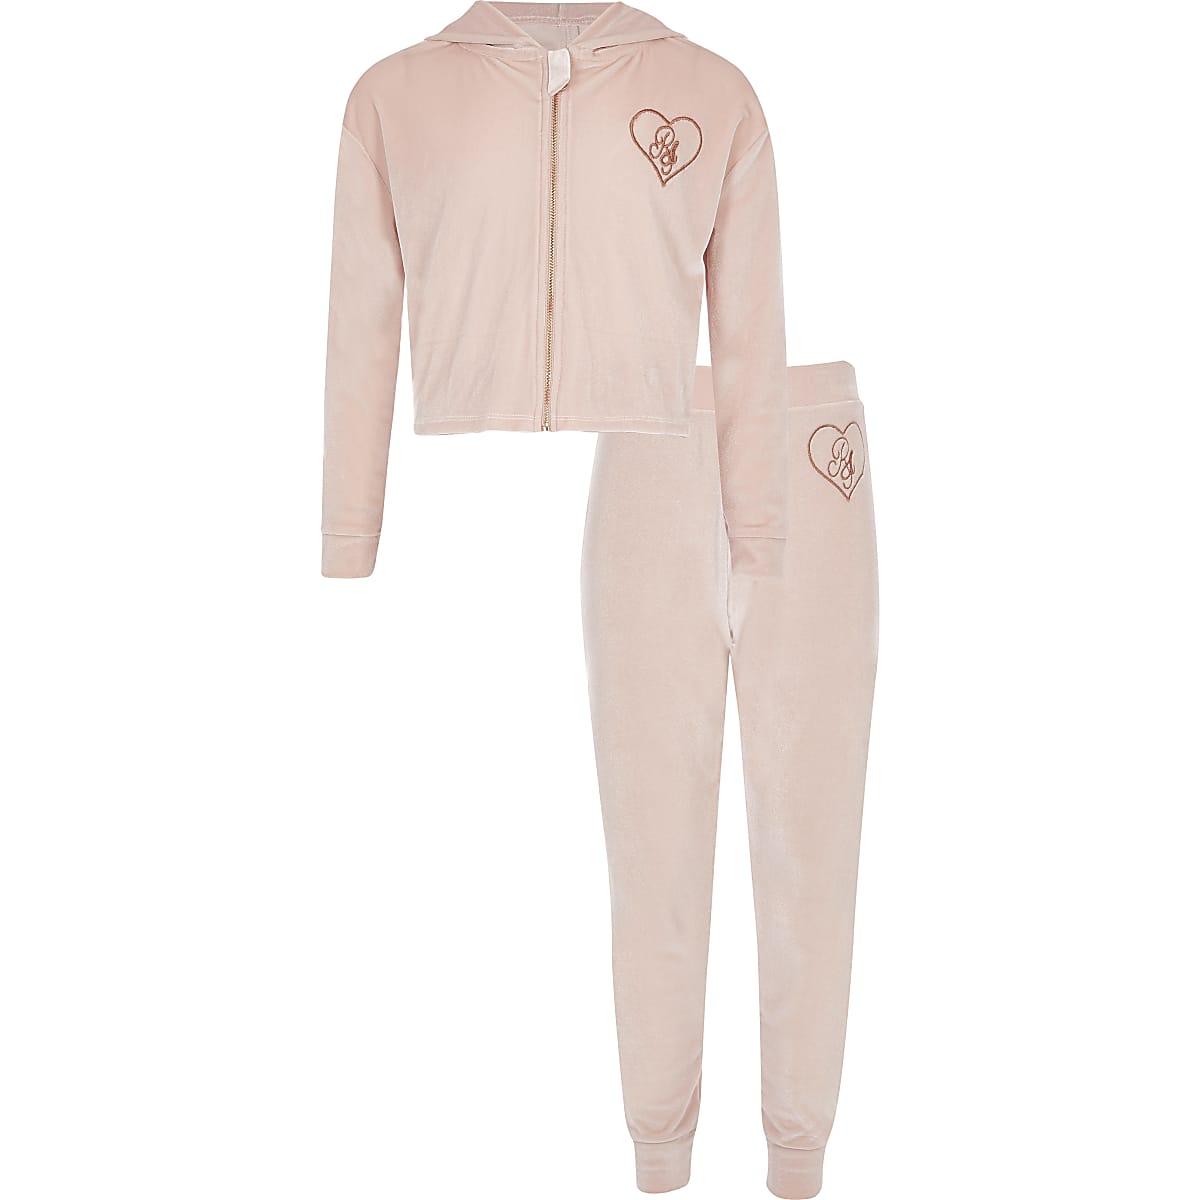 Roze geborduurde velours pyjama outfit voor meisjes